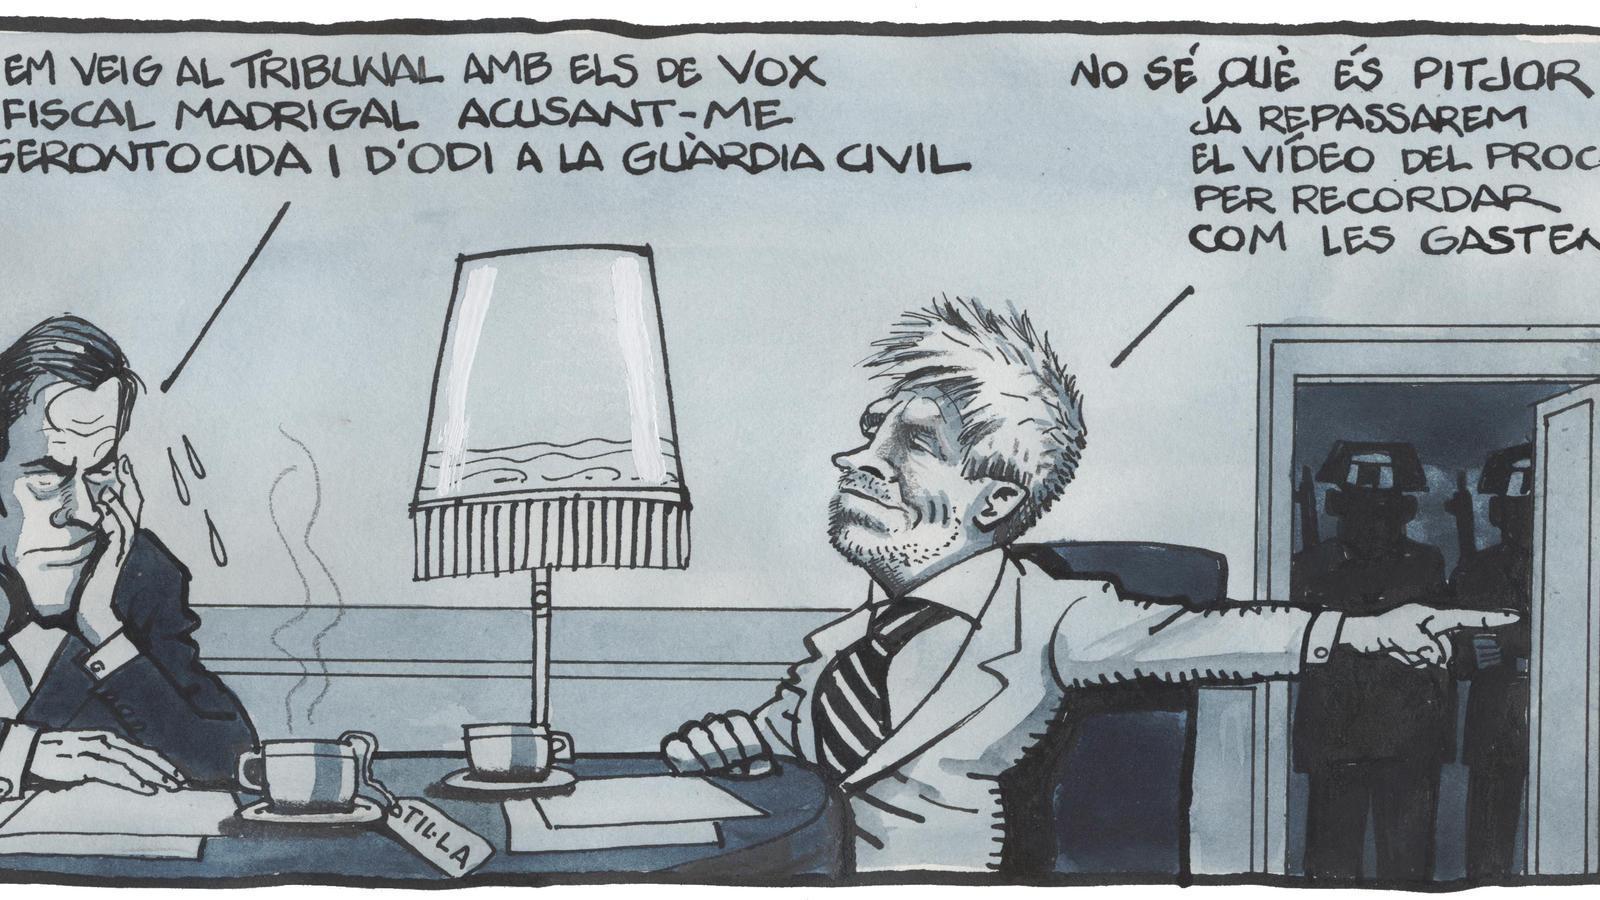 'A la contra', per Ferreres 28/05/2020